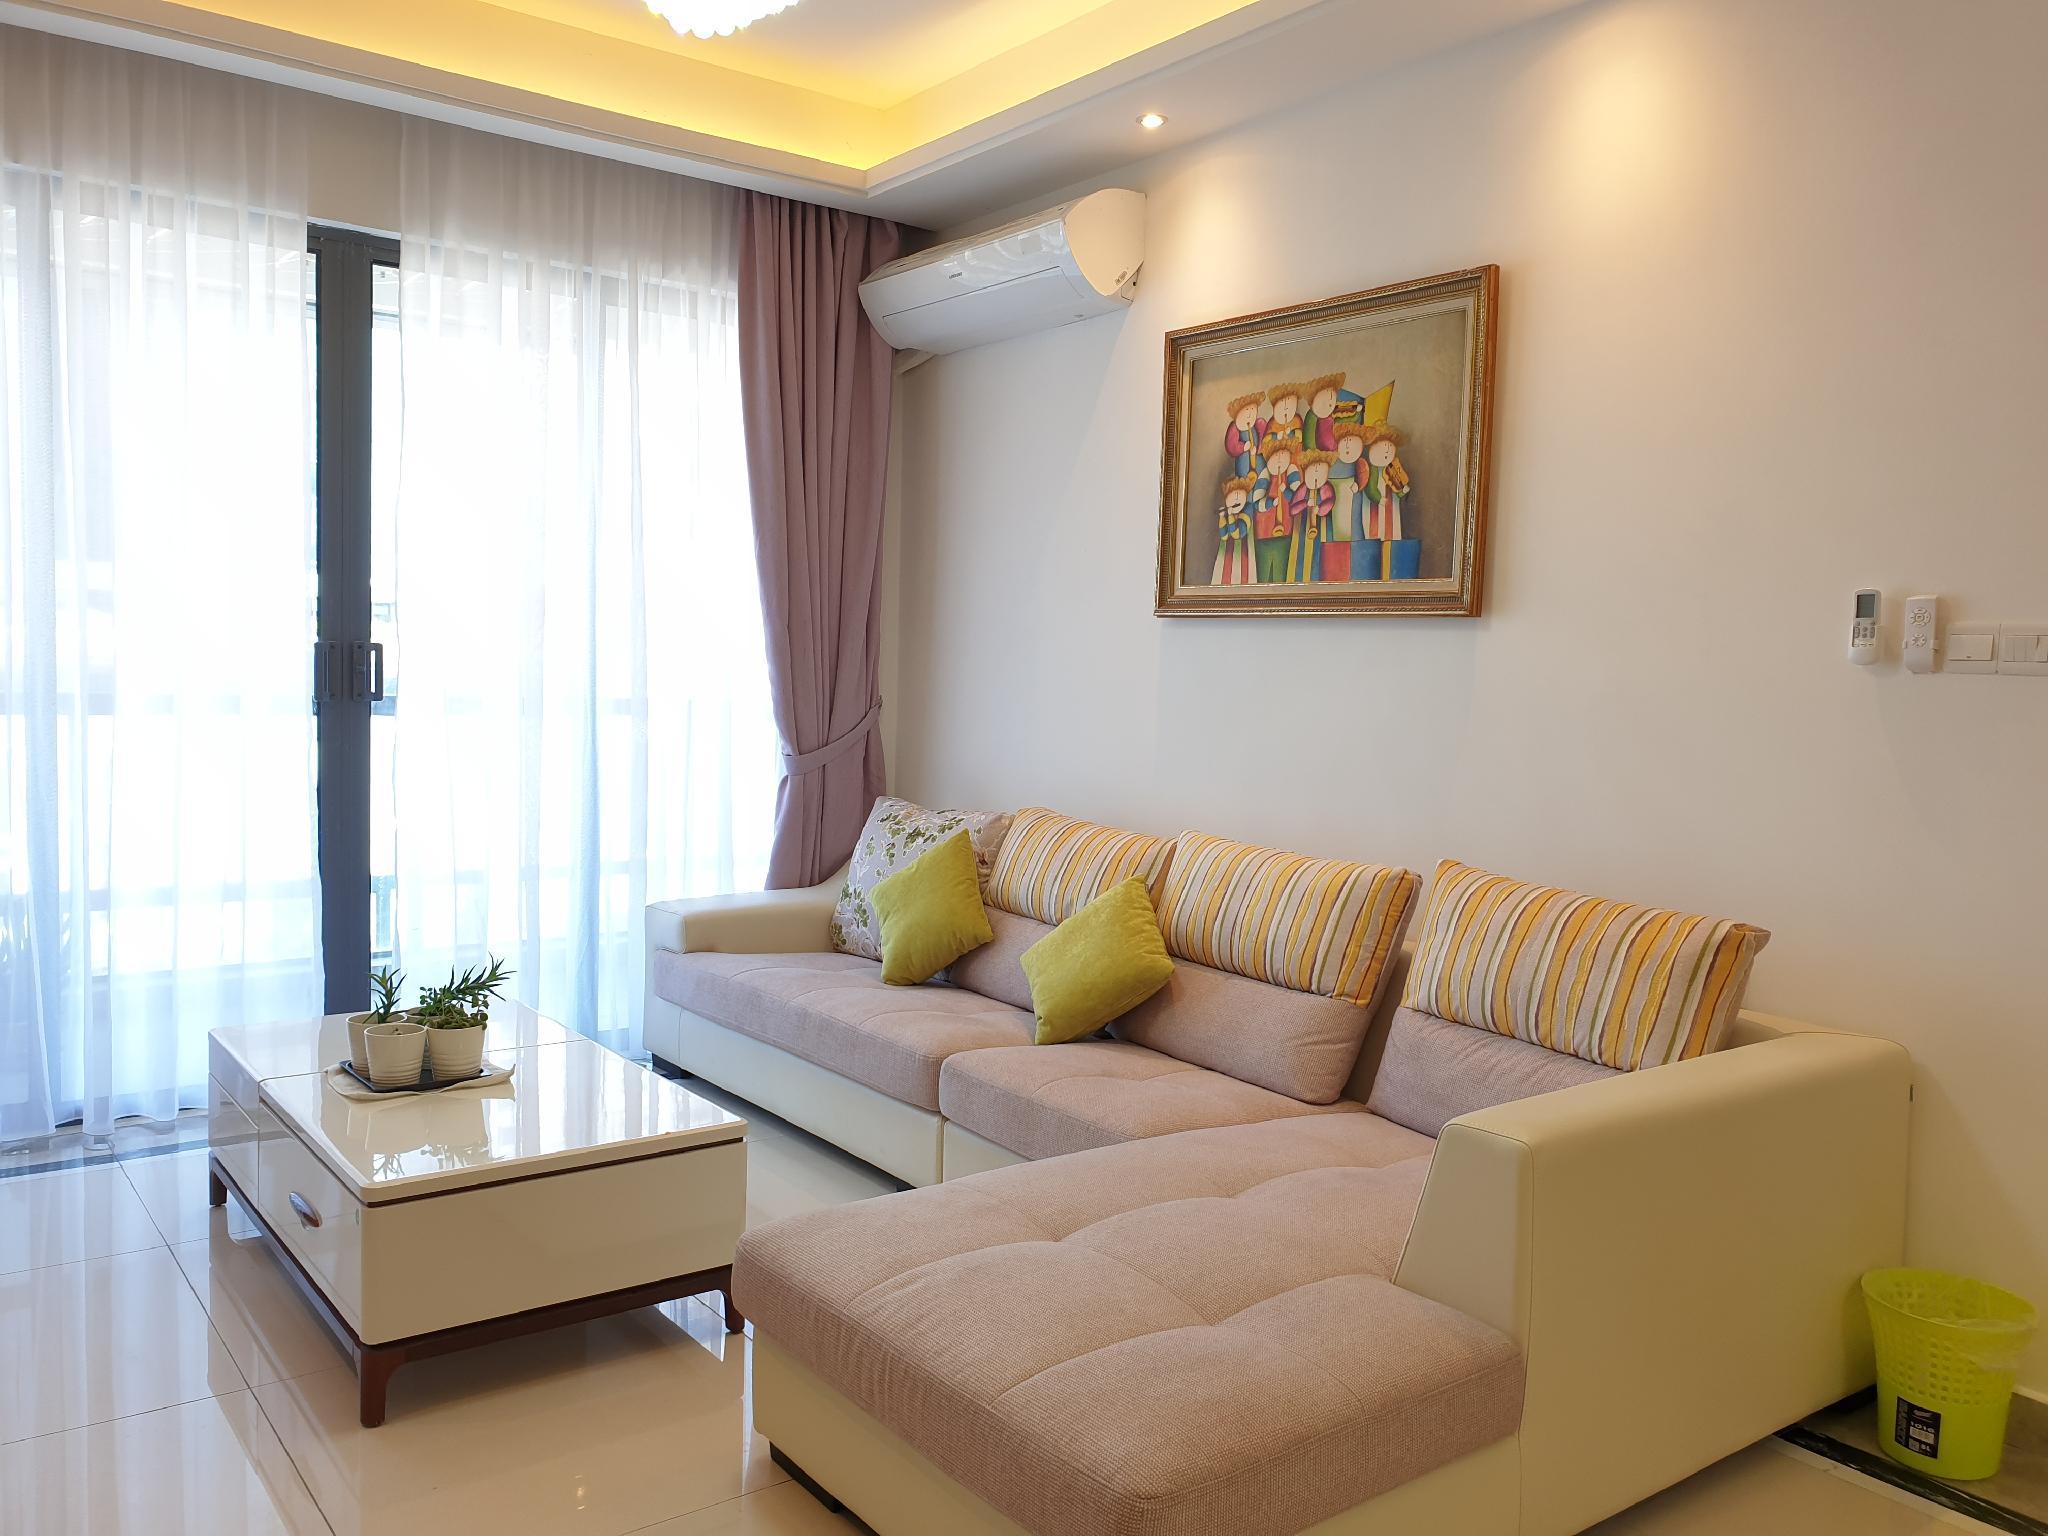 Whitesands @ RandF Princess Cove Johor CIQ 6 8PAX